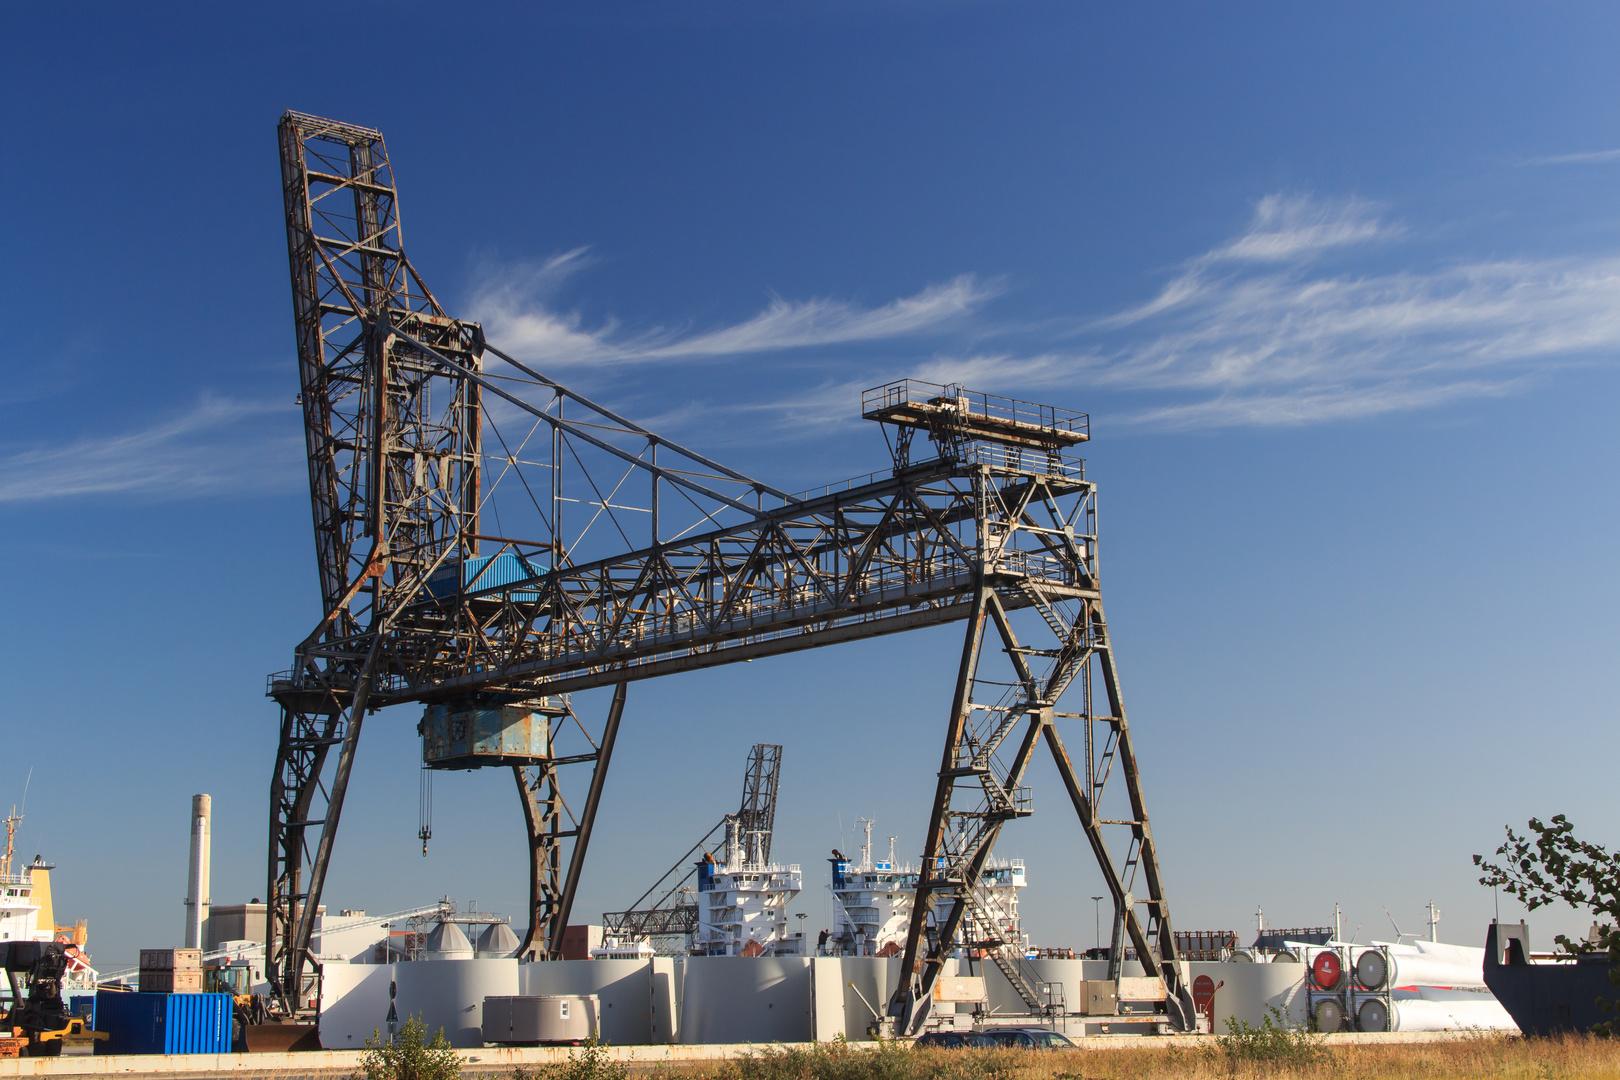 Ladebrücke im Emder Hafen